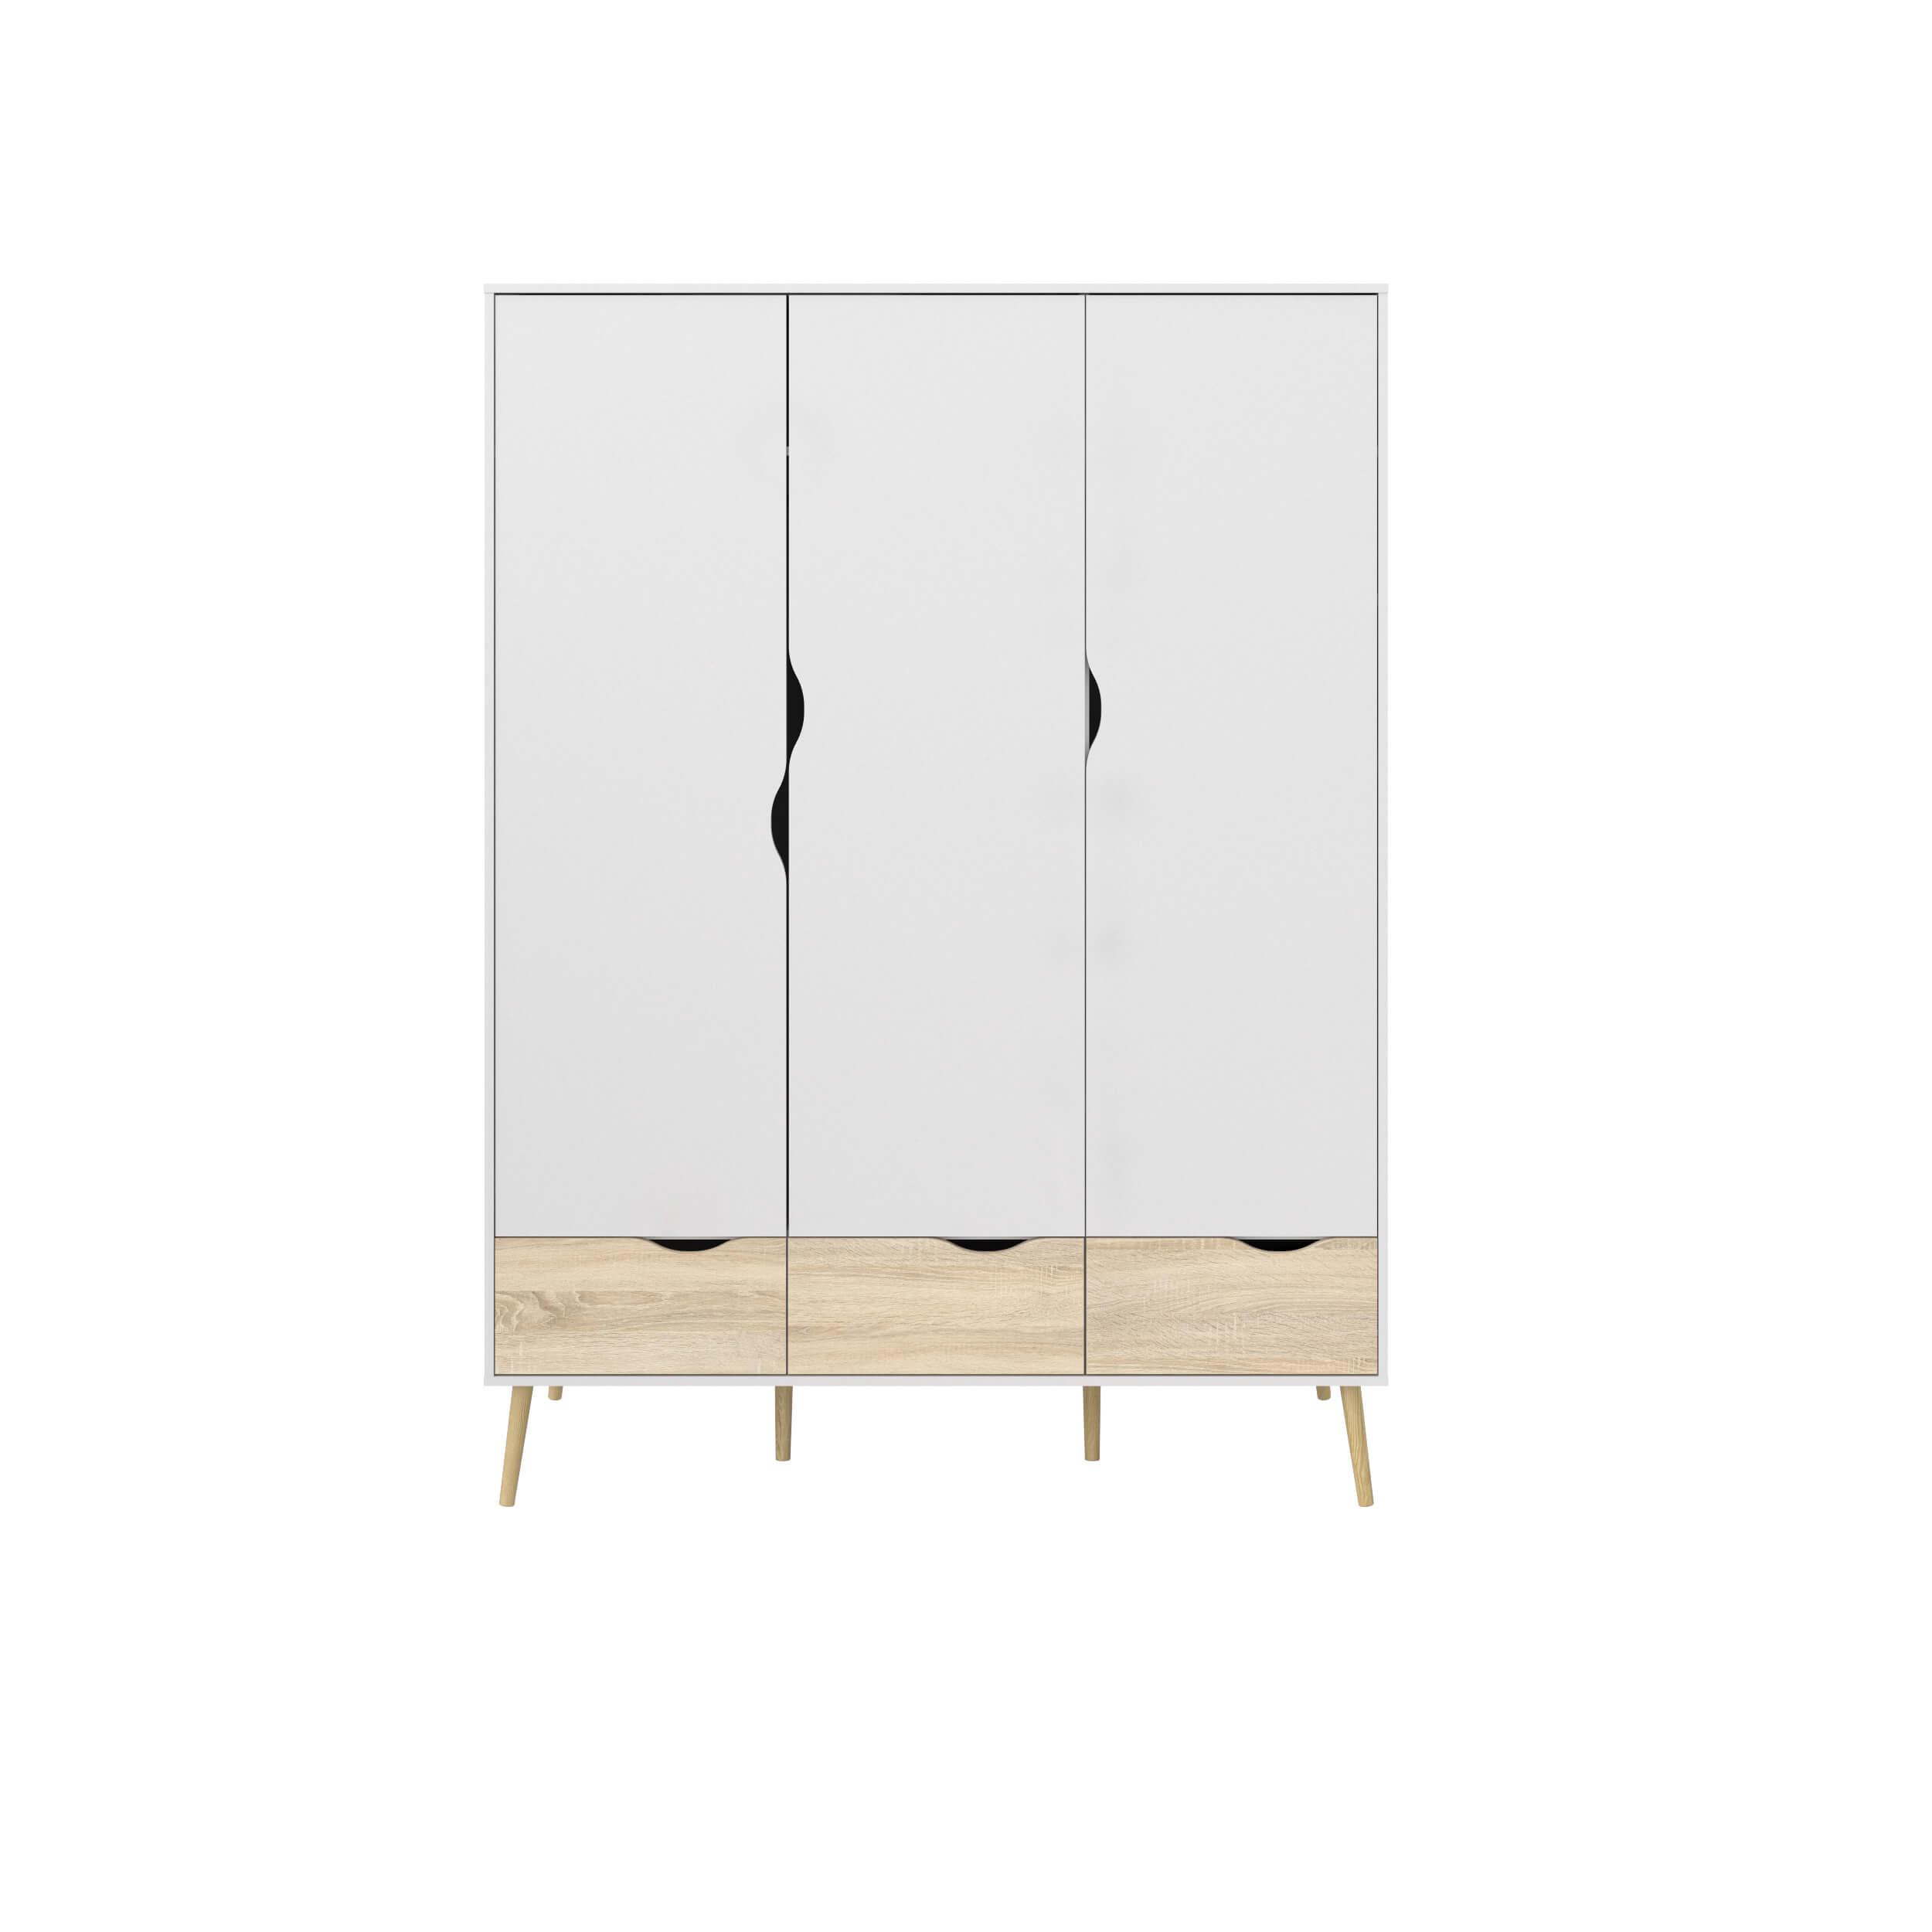 Oslo garderobeskab - hvid/egetræsstruktur, m. 3 låger og 3 skuffer